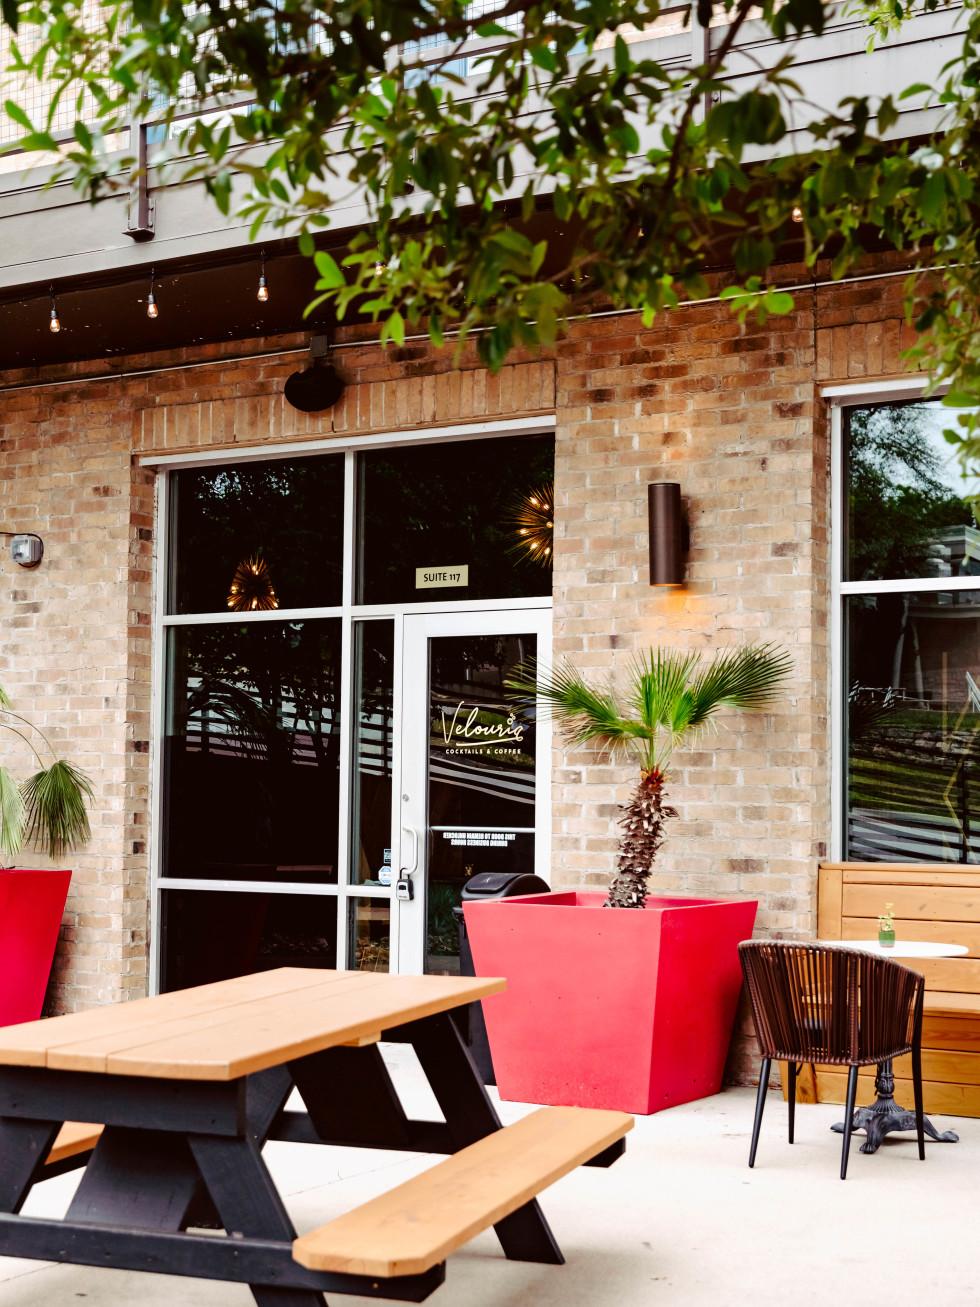 Velouria Austin exterior